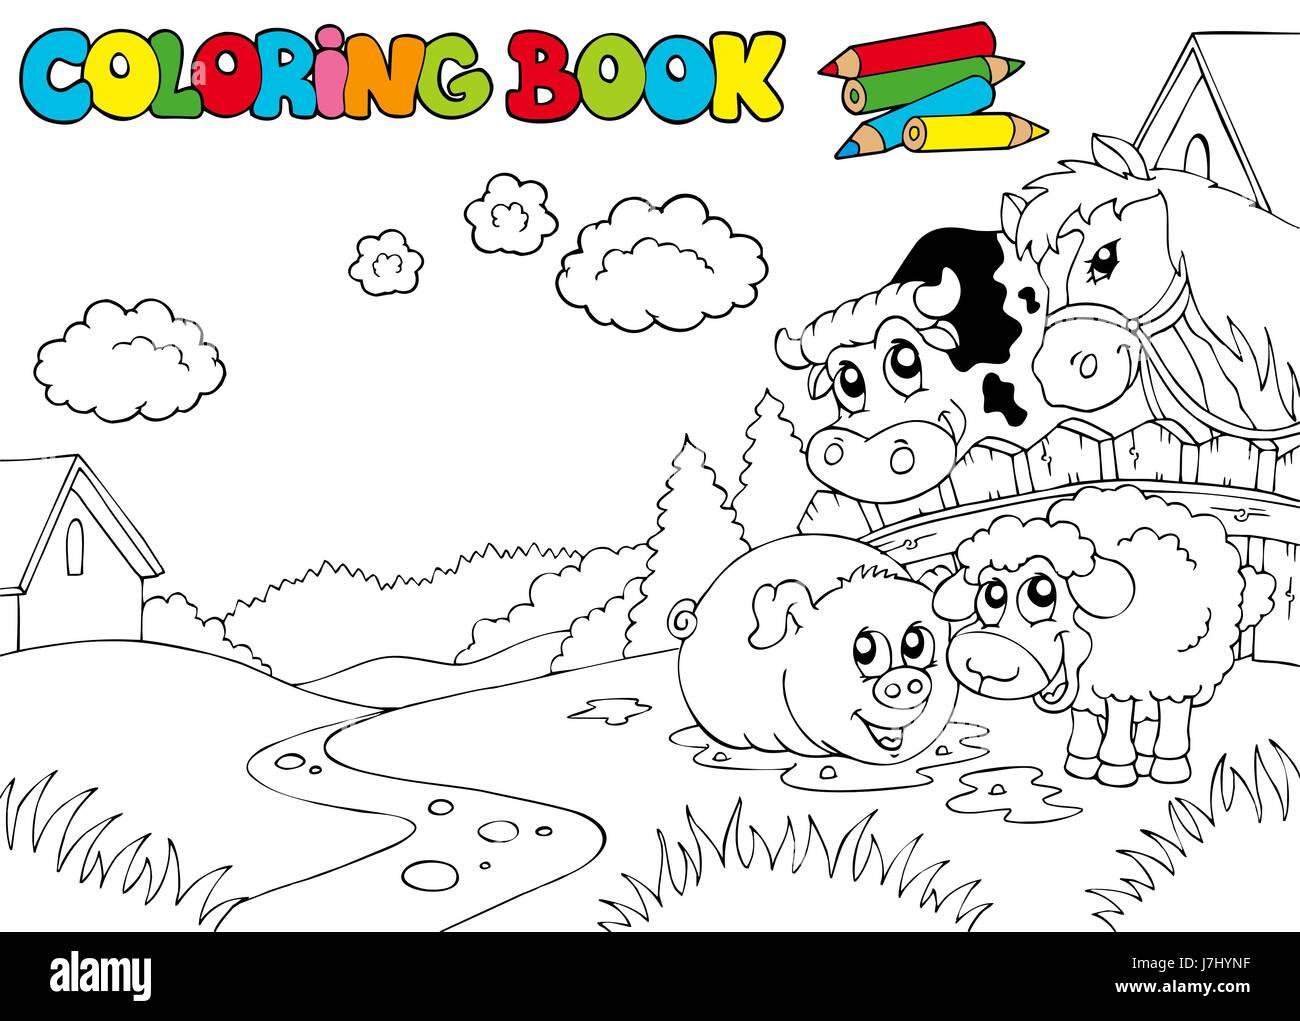 Lujoso Crayola Para Colorear Verano Patrón - Enmarcado Para Colorear ...